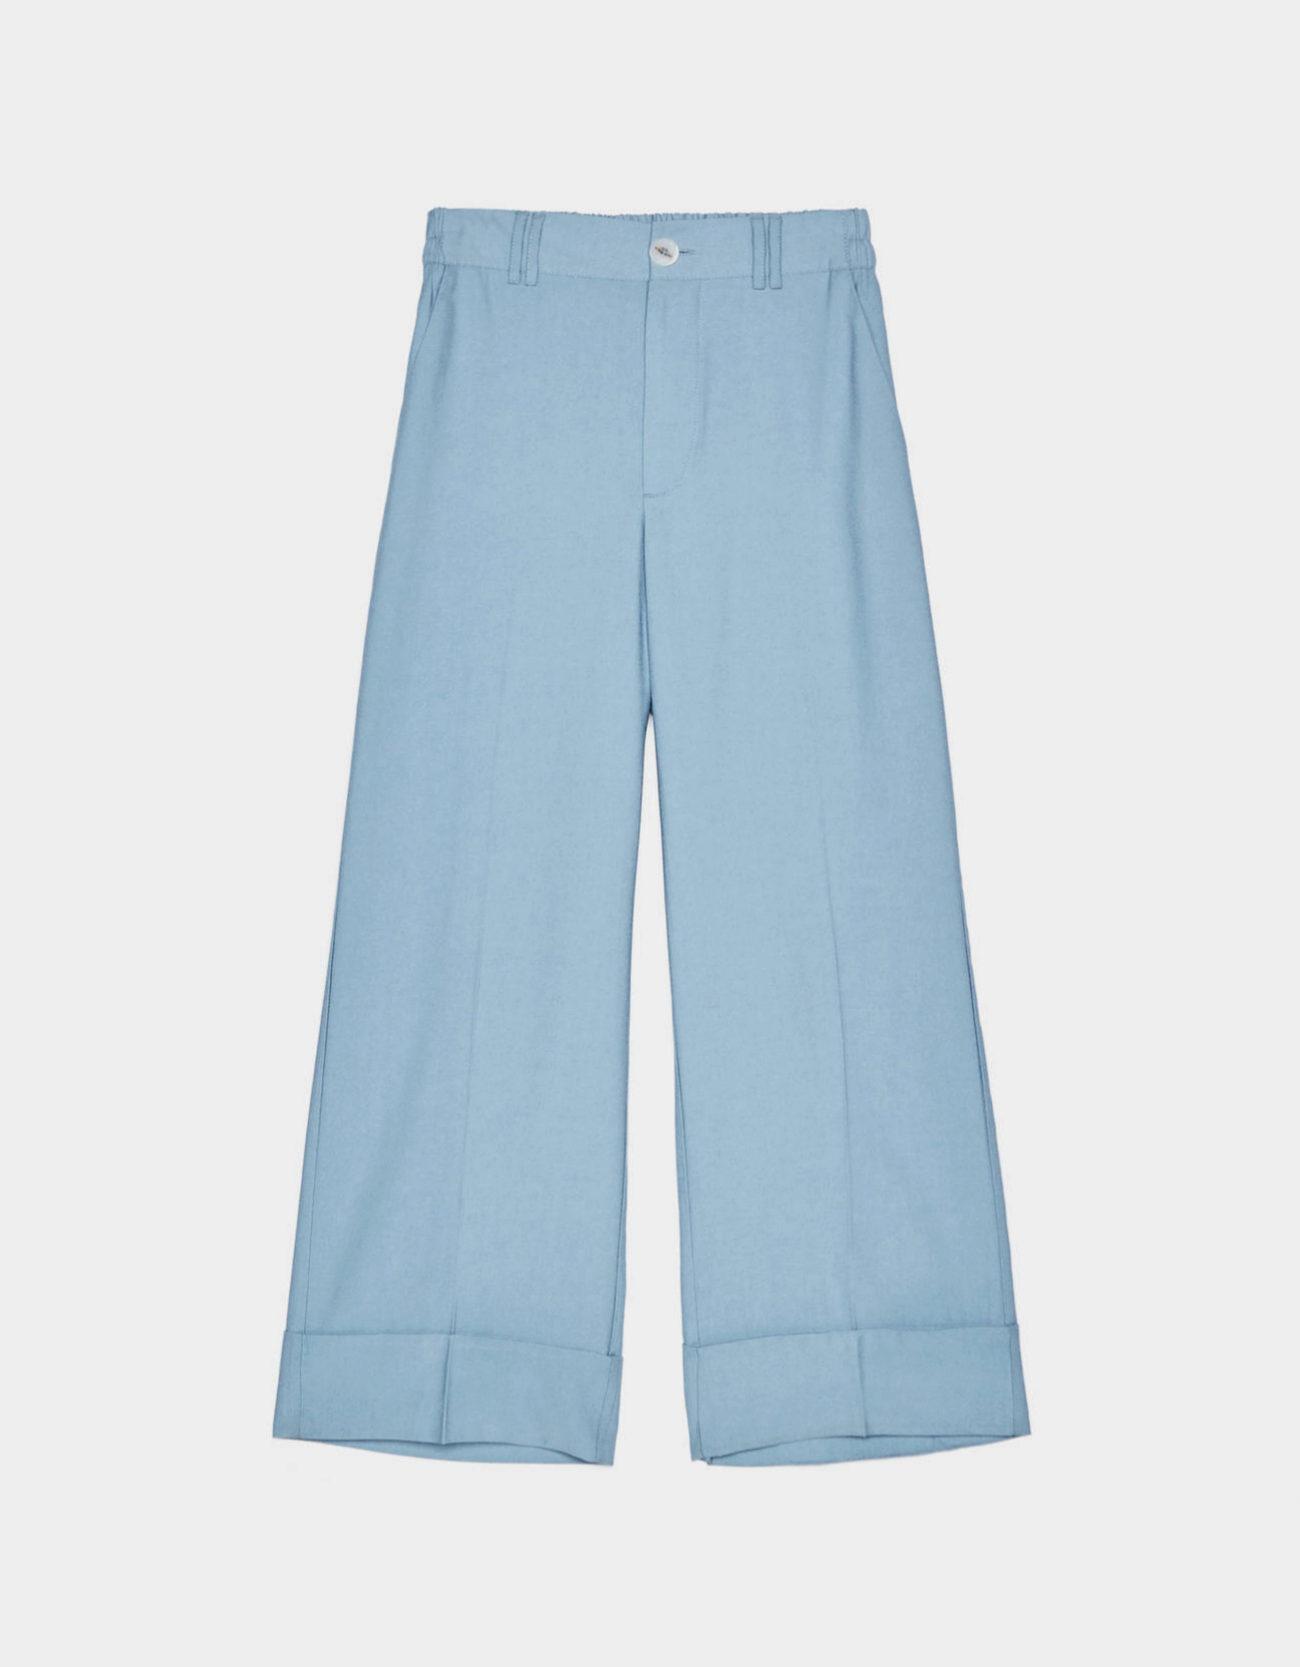 Pantalón culotte celeste de Bershka